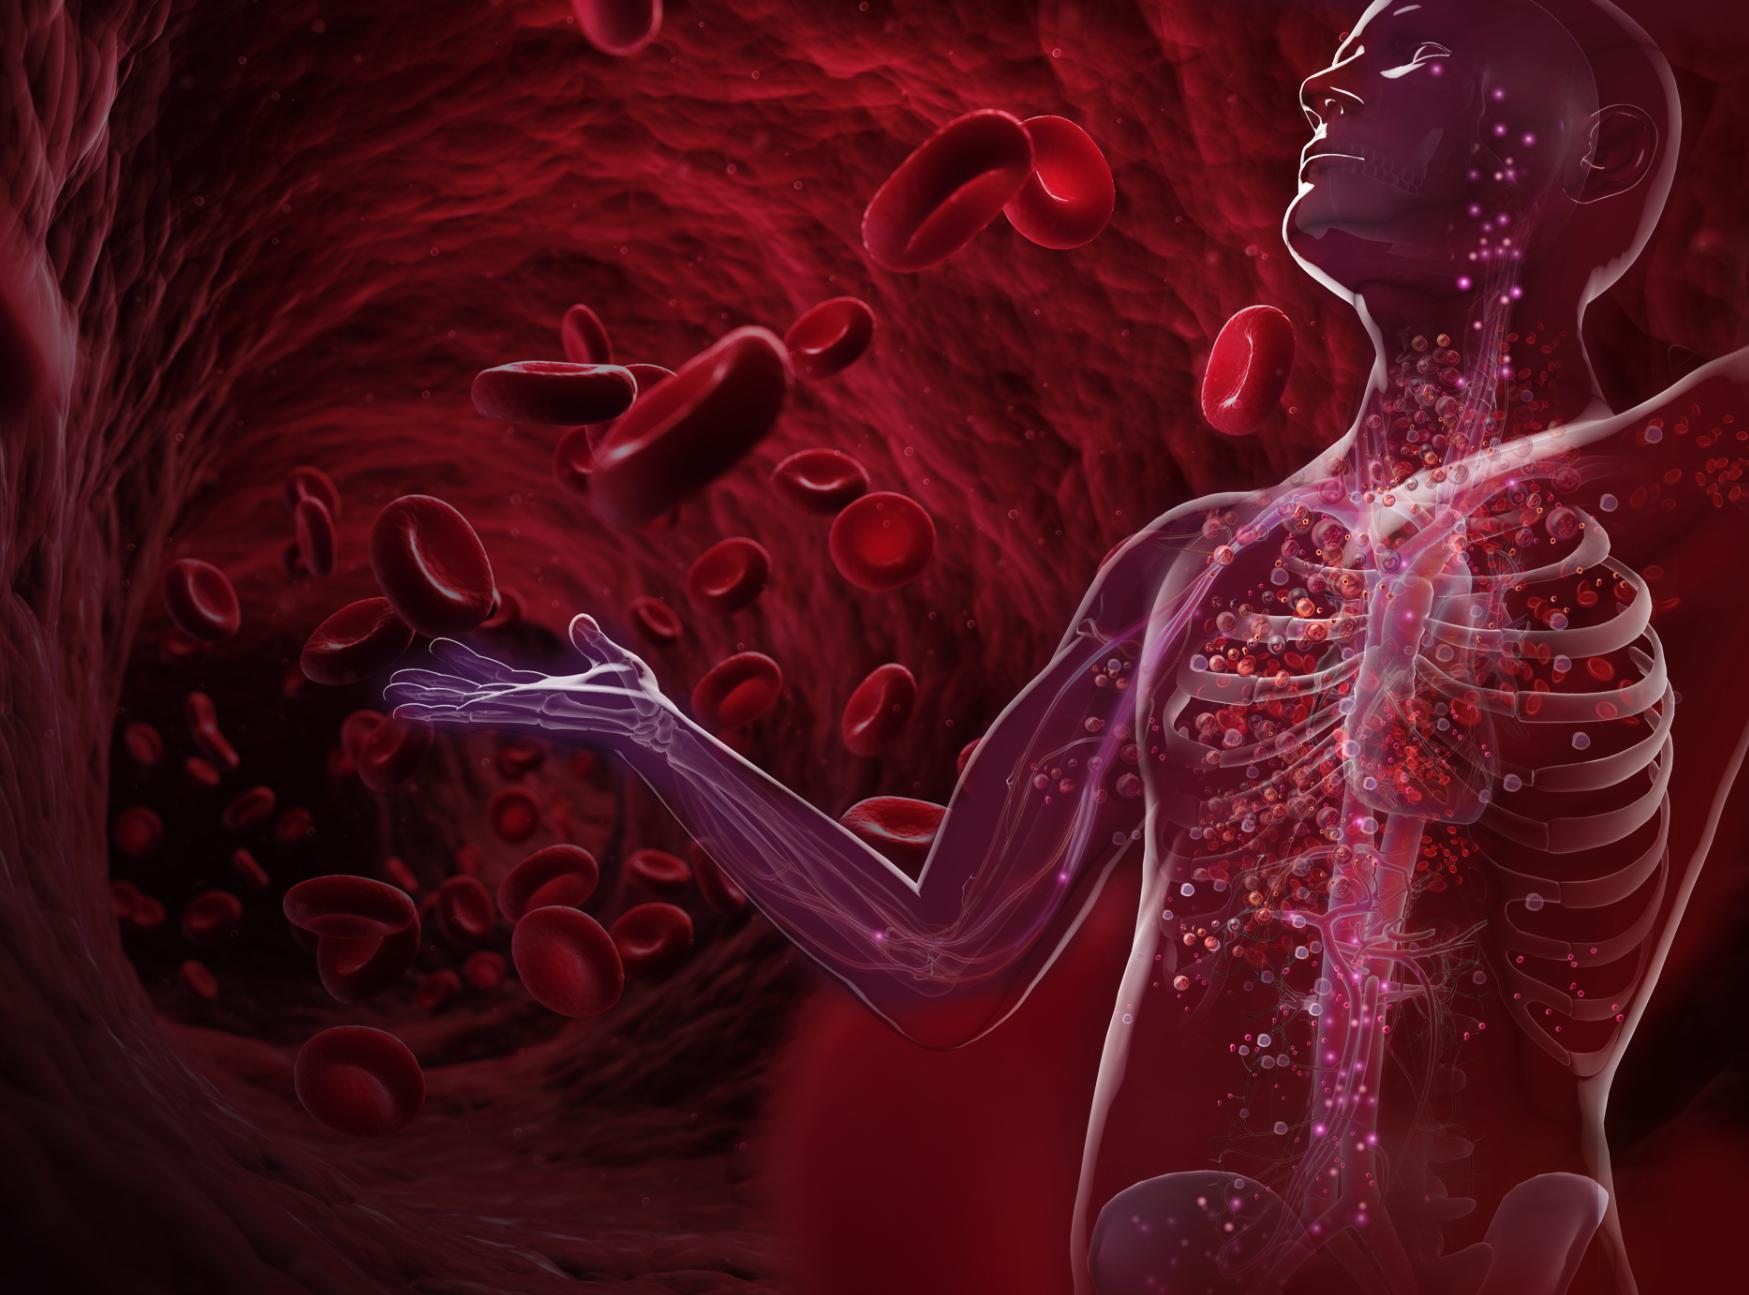 Mit jelent a teljes vérkép?